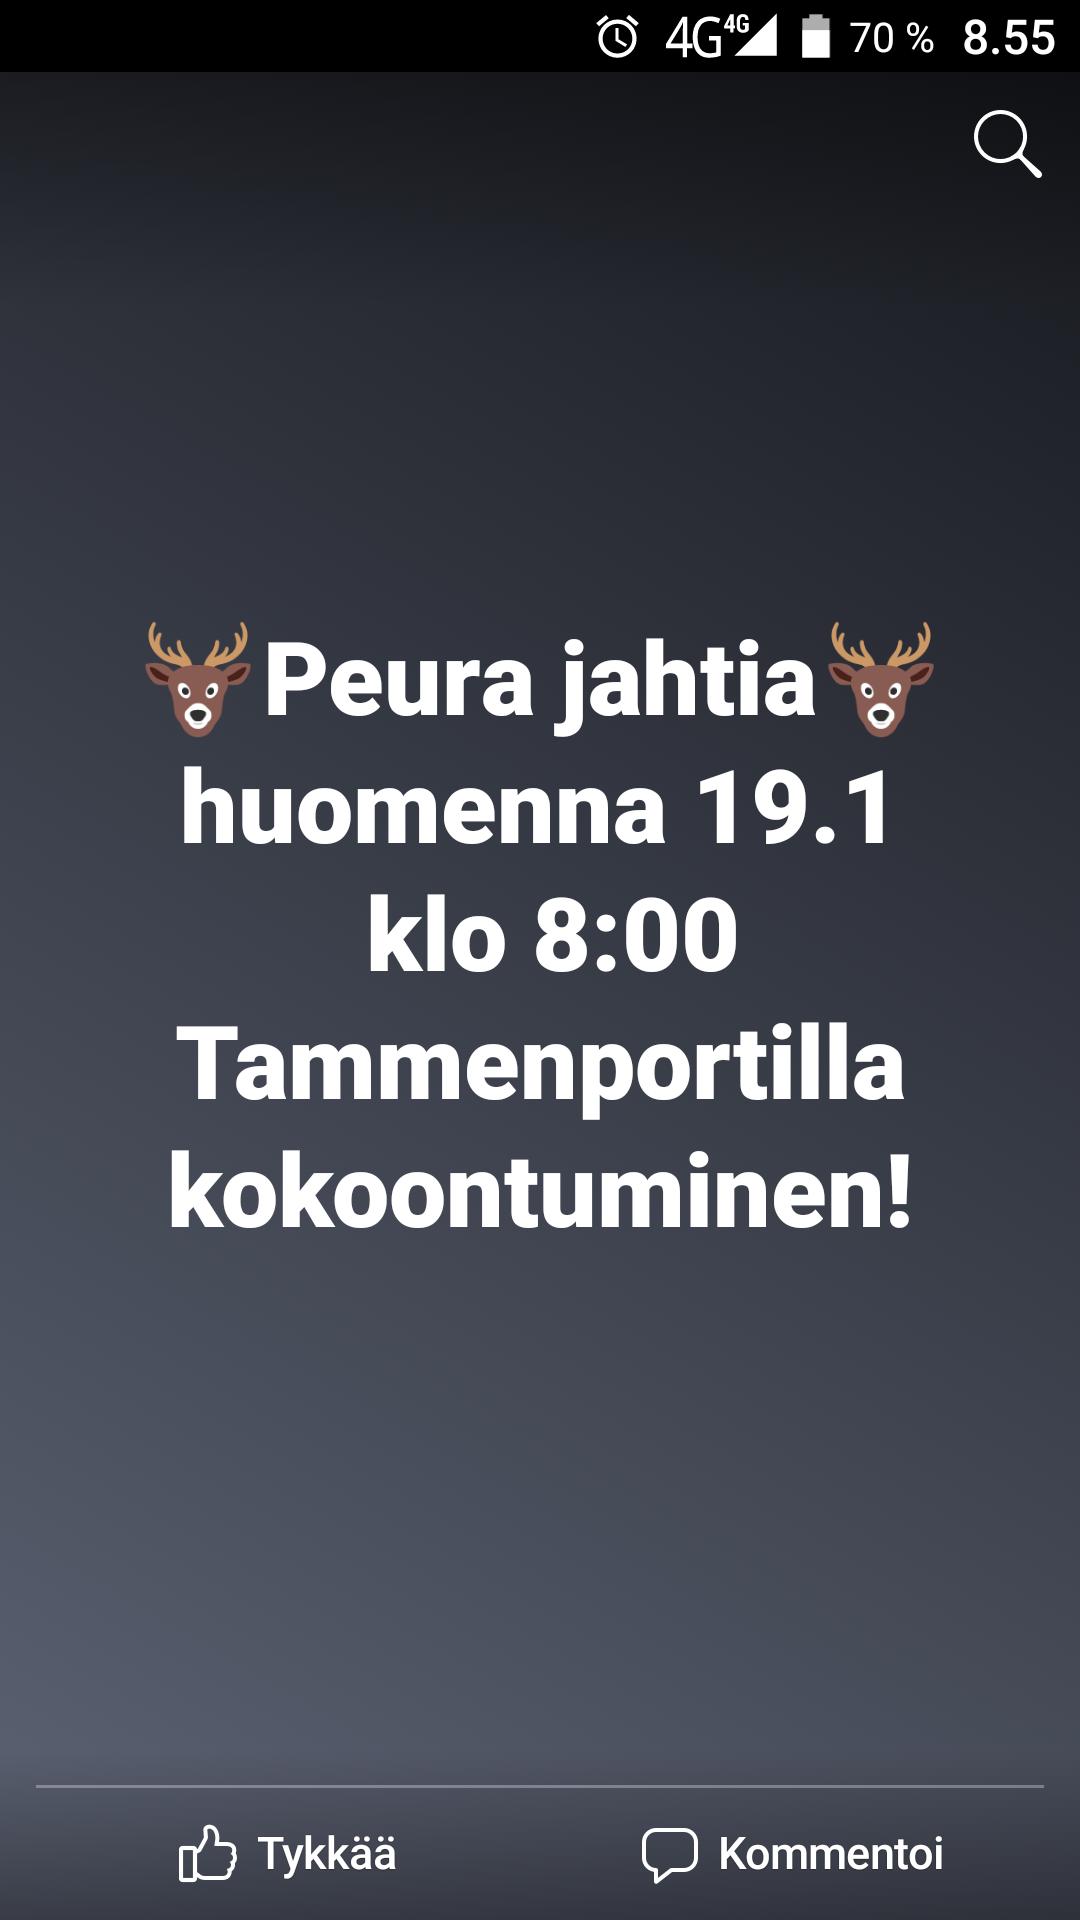 Peura Jahtia la 19.1 klo 8:00